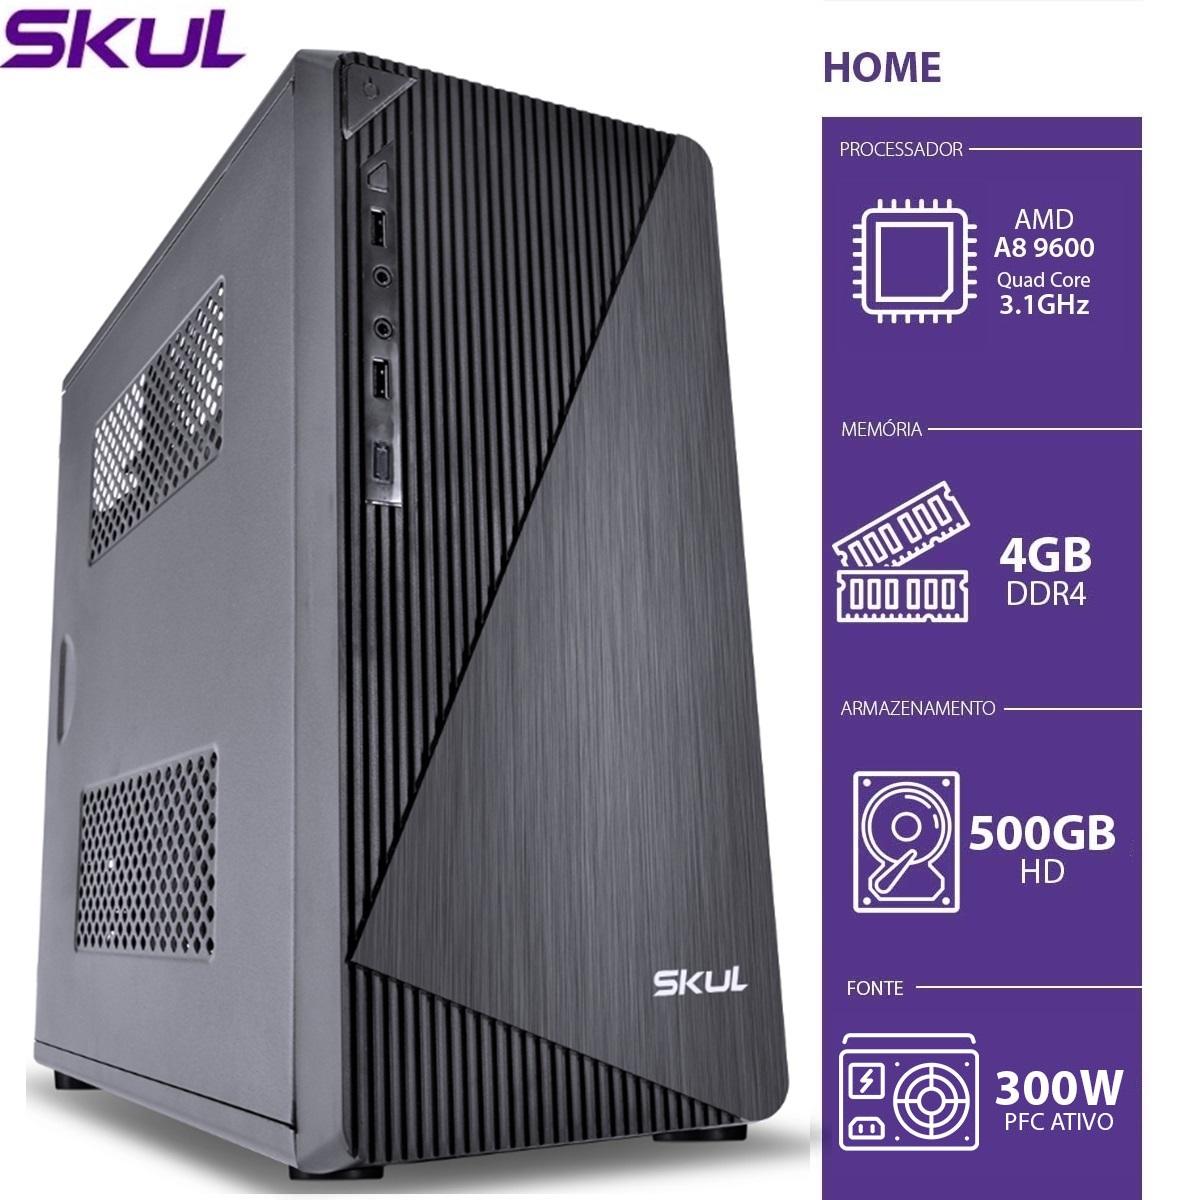 COMPUTADOR HOME H200 - AMD A8 9600 3.1GHZ 4GB DDR4 HD 500GB HDMI/VGA FONTE 300W  - Audio Video & cia